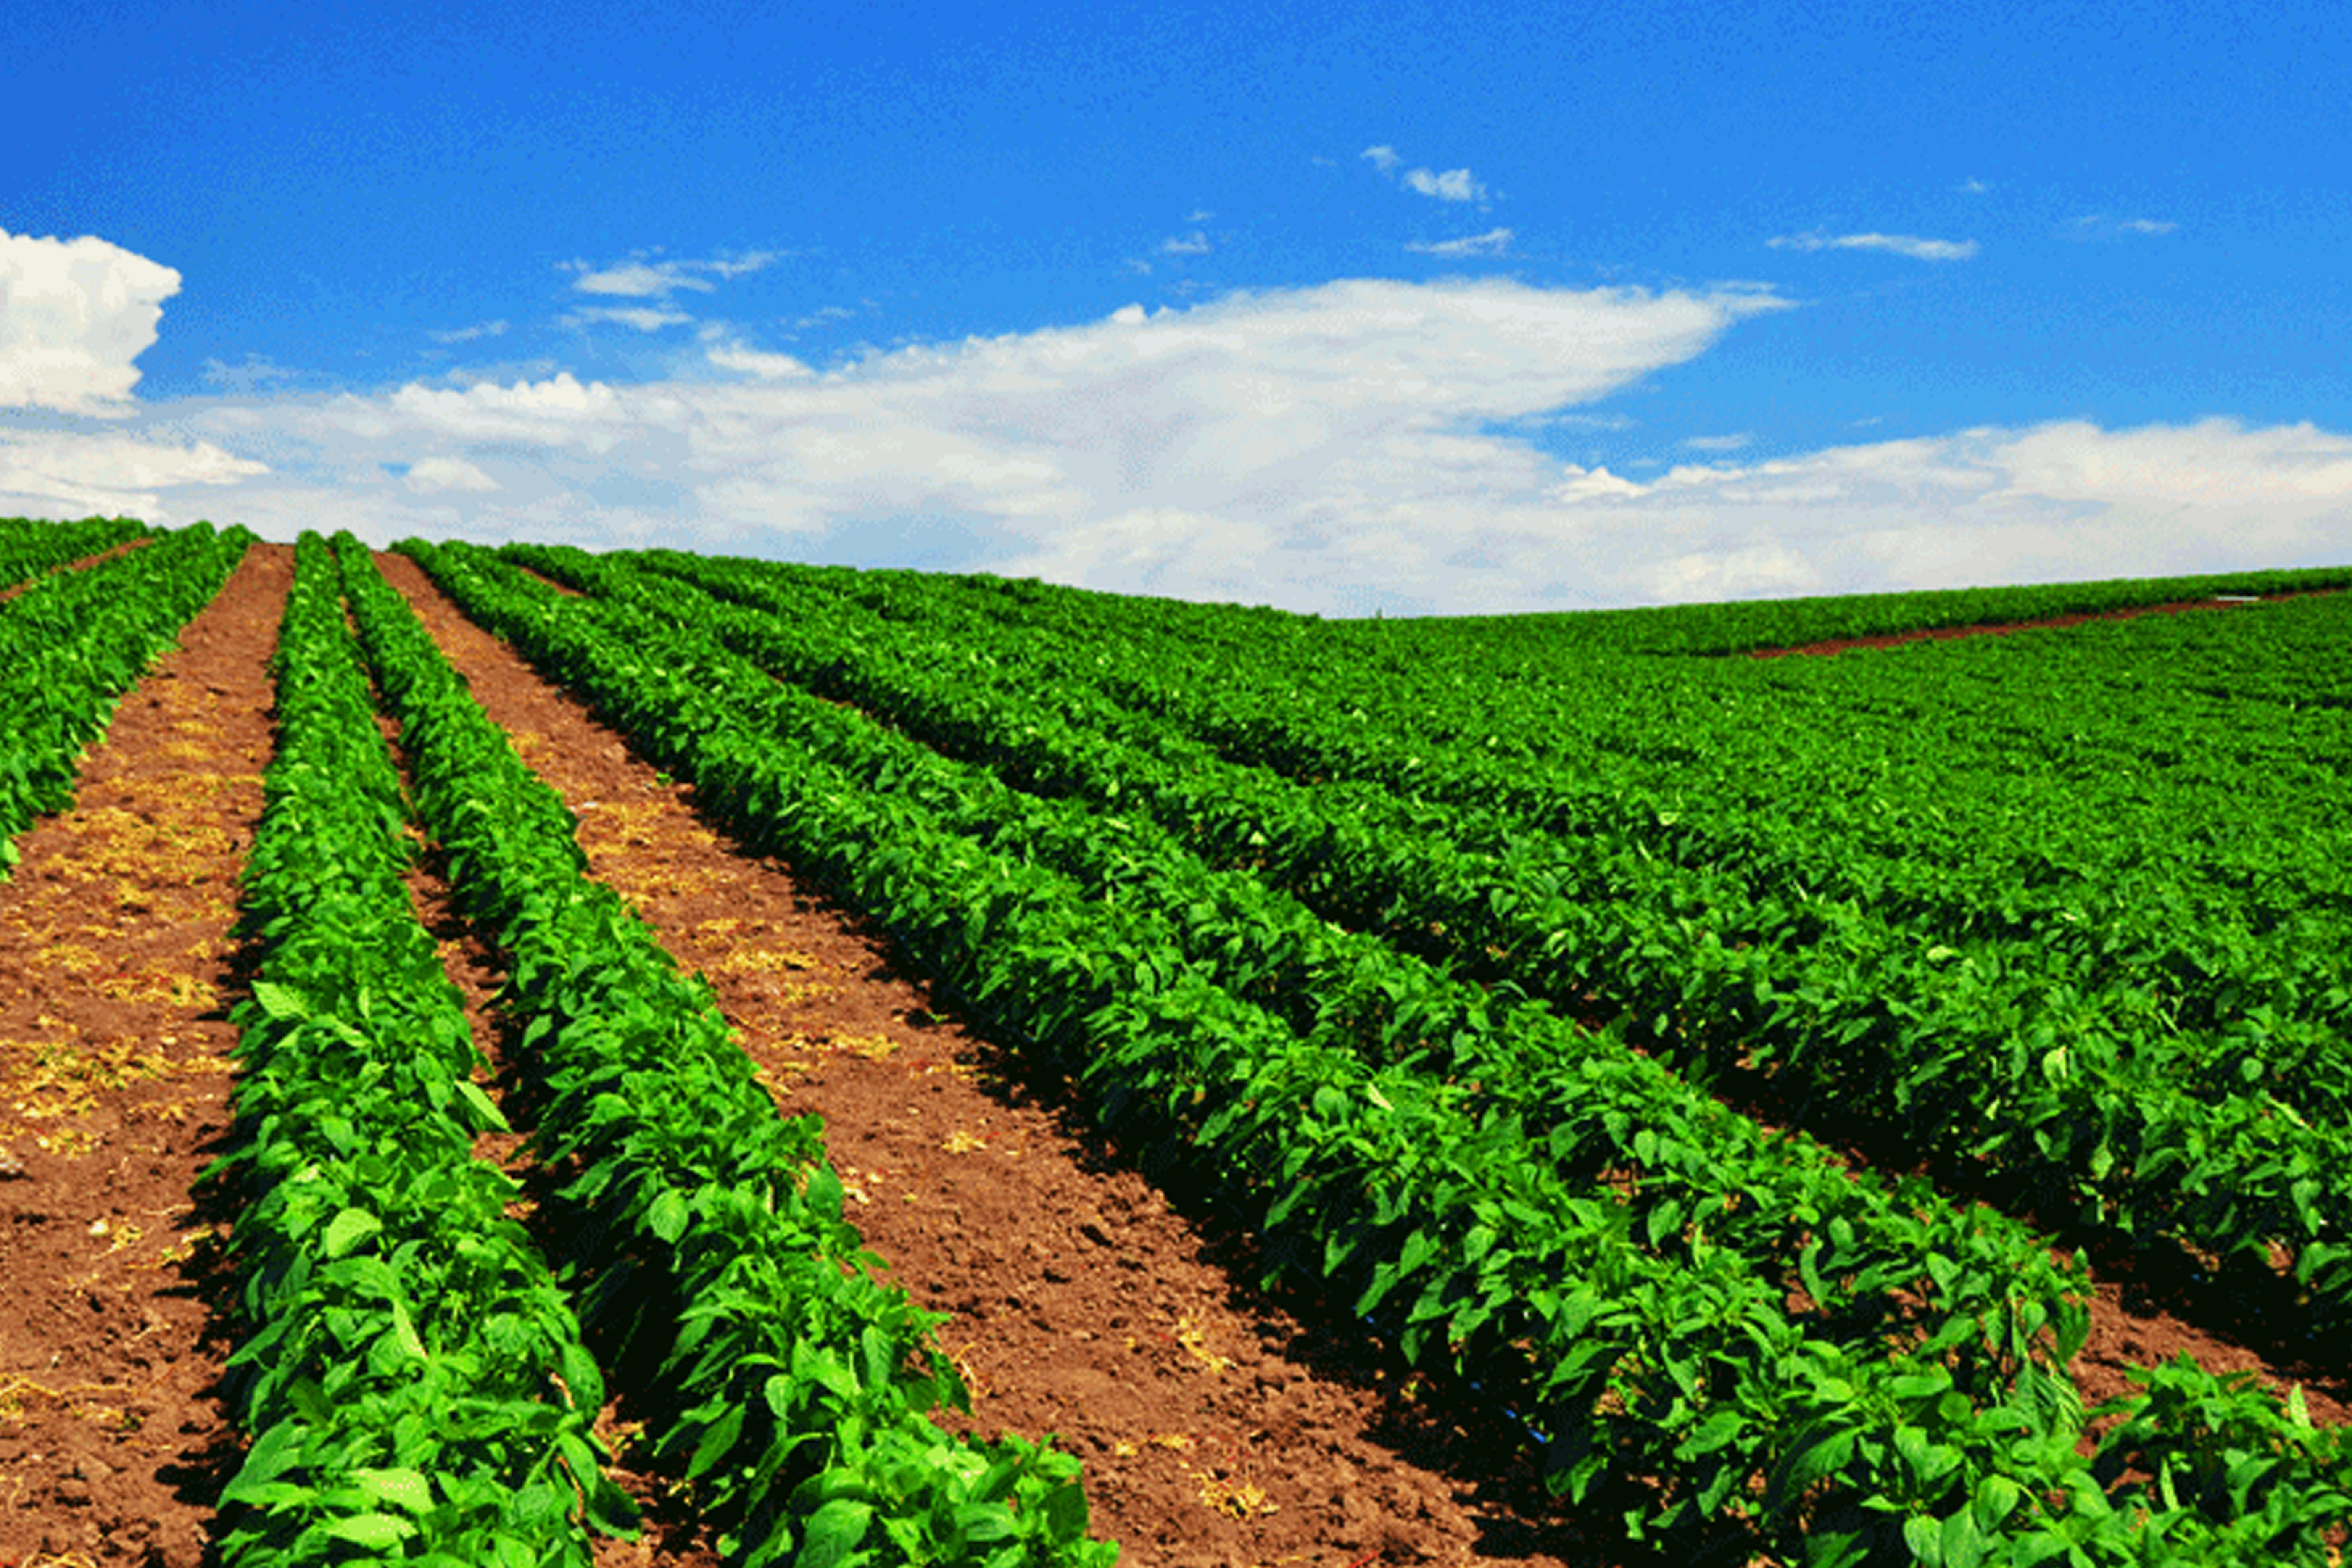 آبیاری نواری(تیپ) زمین های کشاورزی